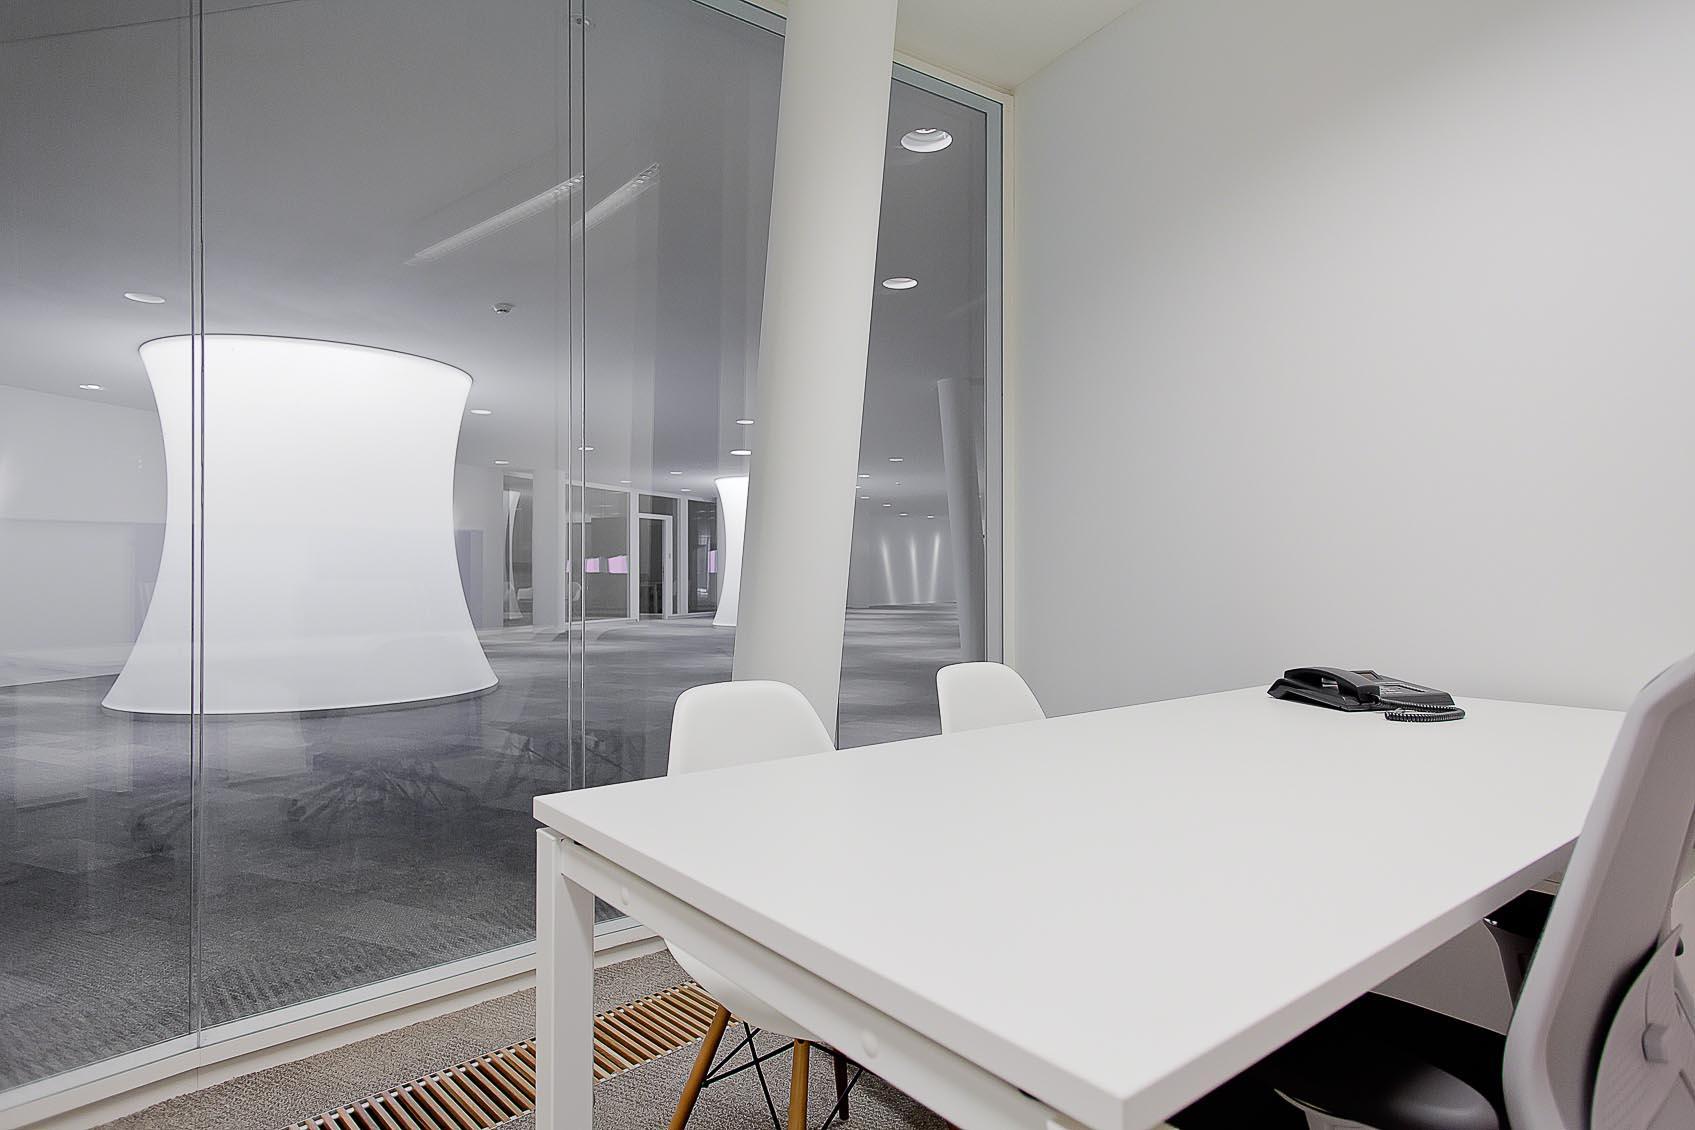 lichtadvies voor administratief centrum ruimtelijk wit architecturaal concept